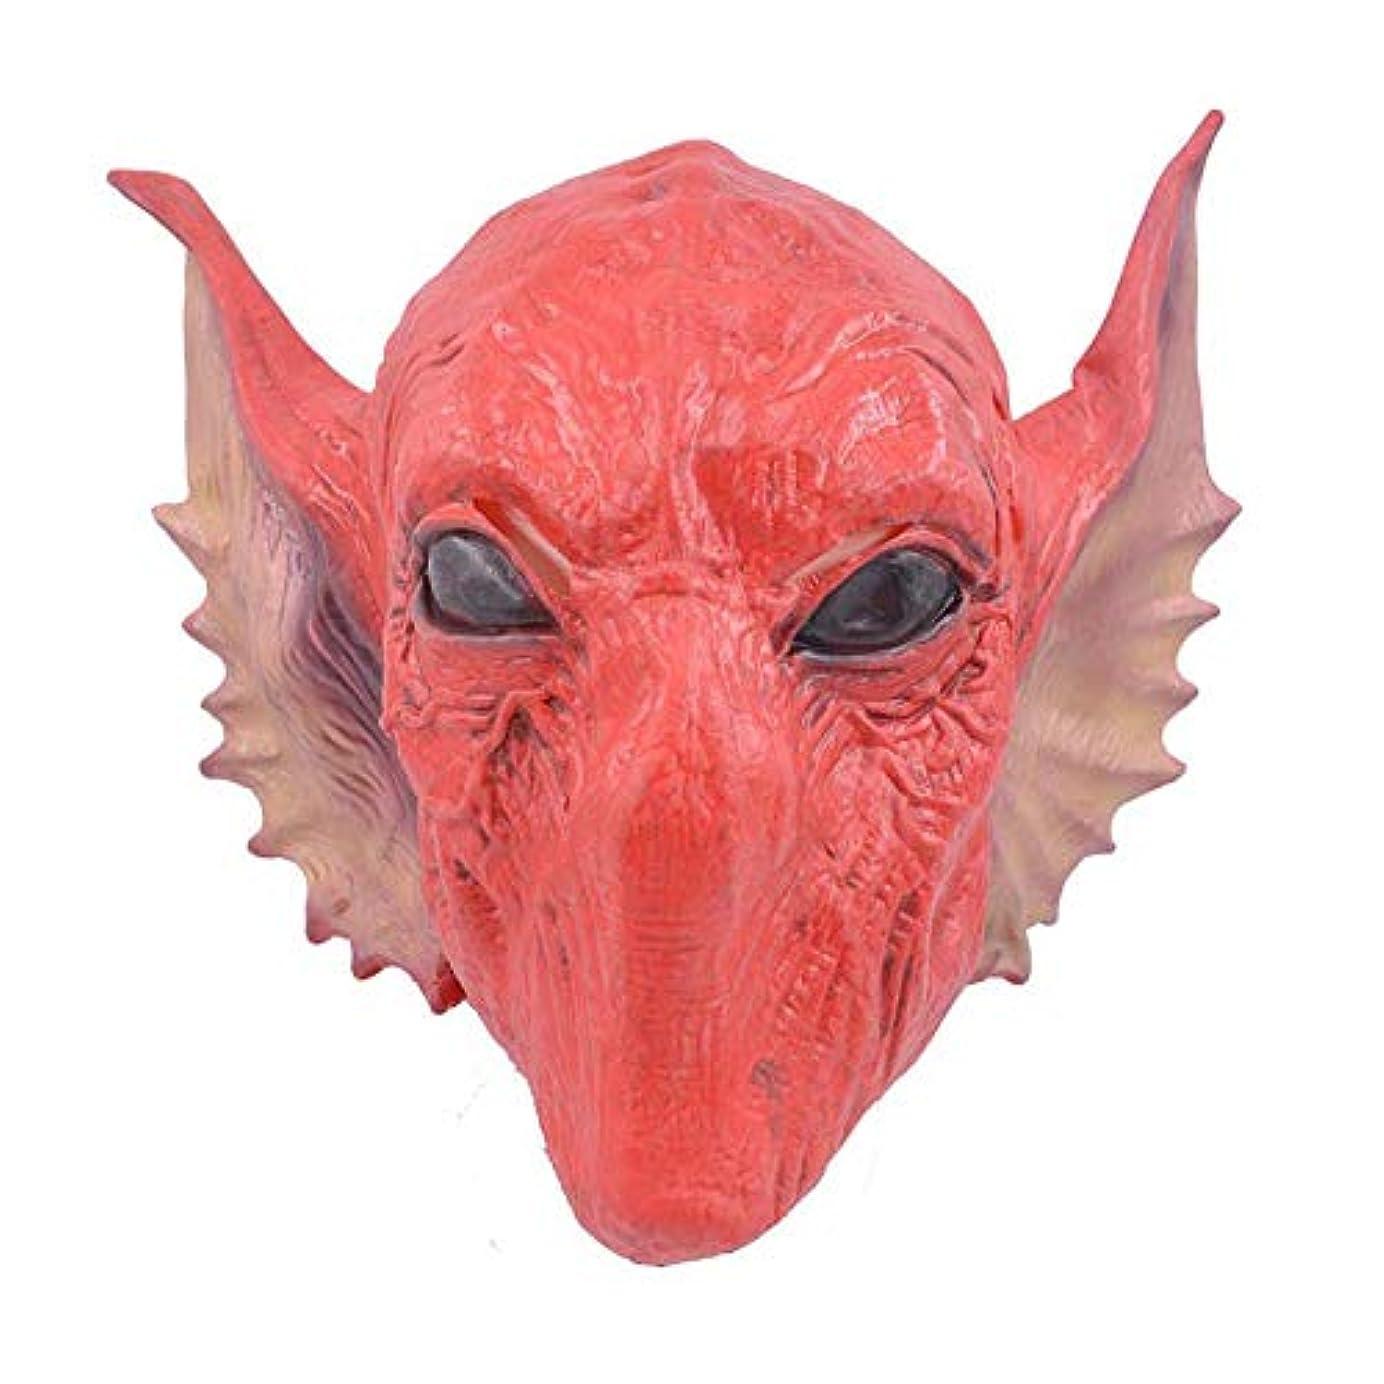 灌漑約束する騒乱ハロウィーンマスク新しい赤いエイリアンセットSF映画テーママスクcosホラーマスク